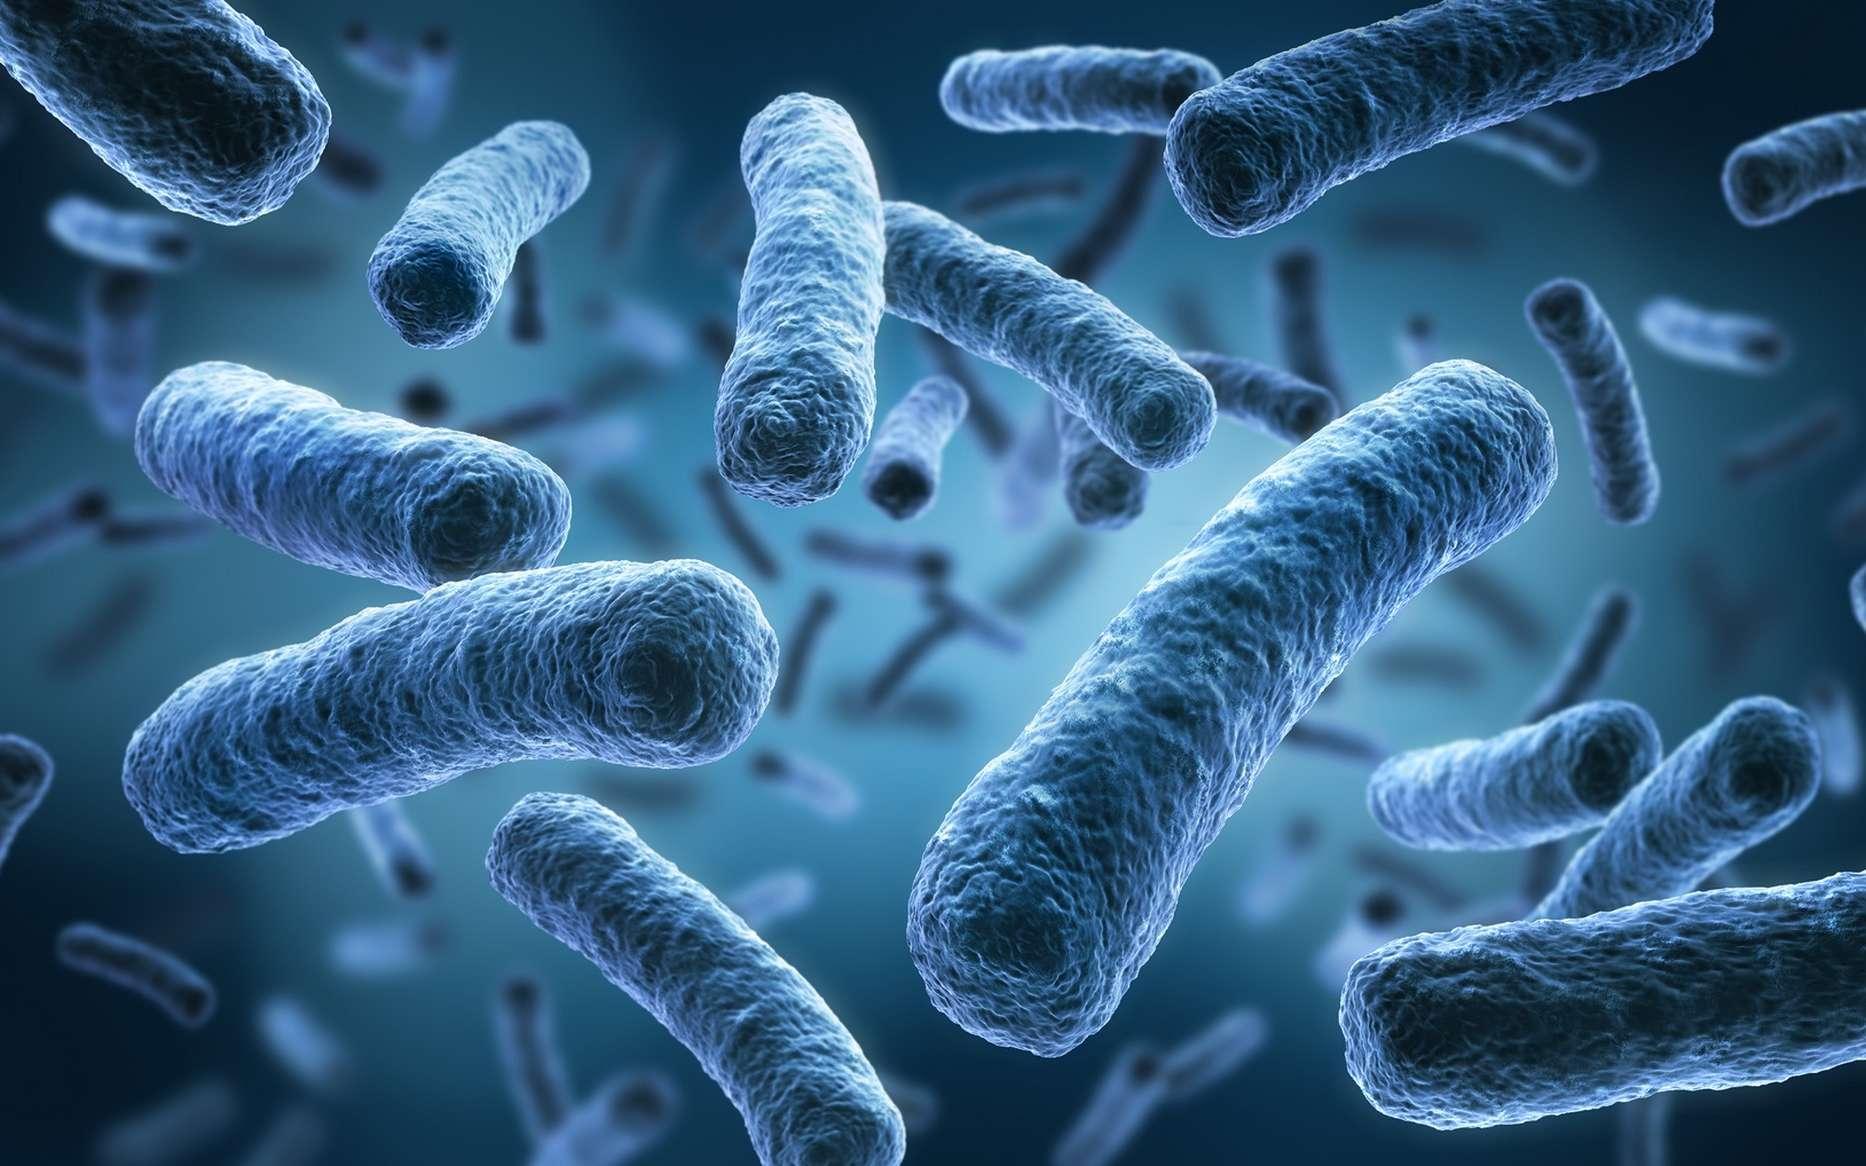 bacterie 7 lettres detoxifierea limfei simptome